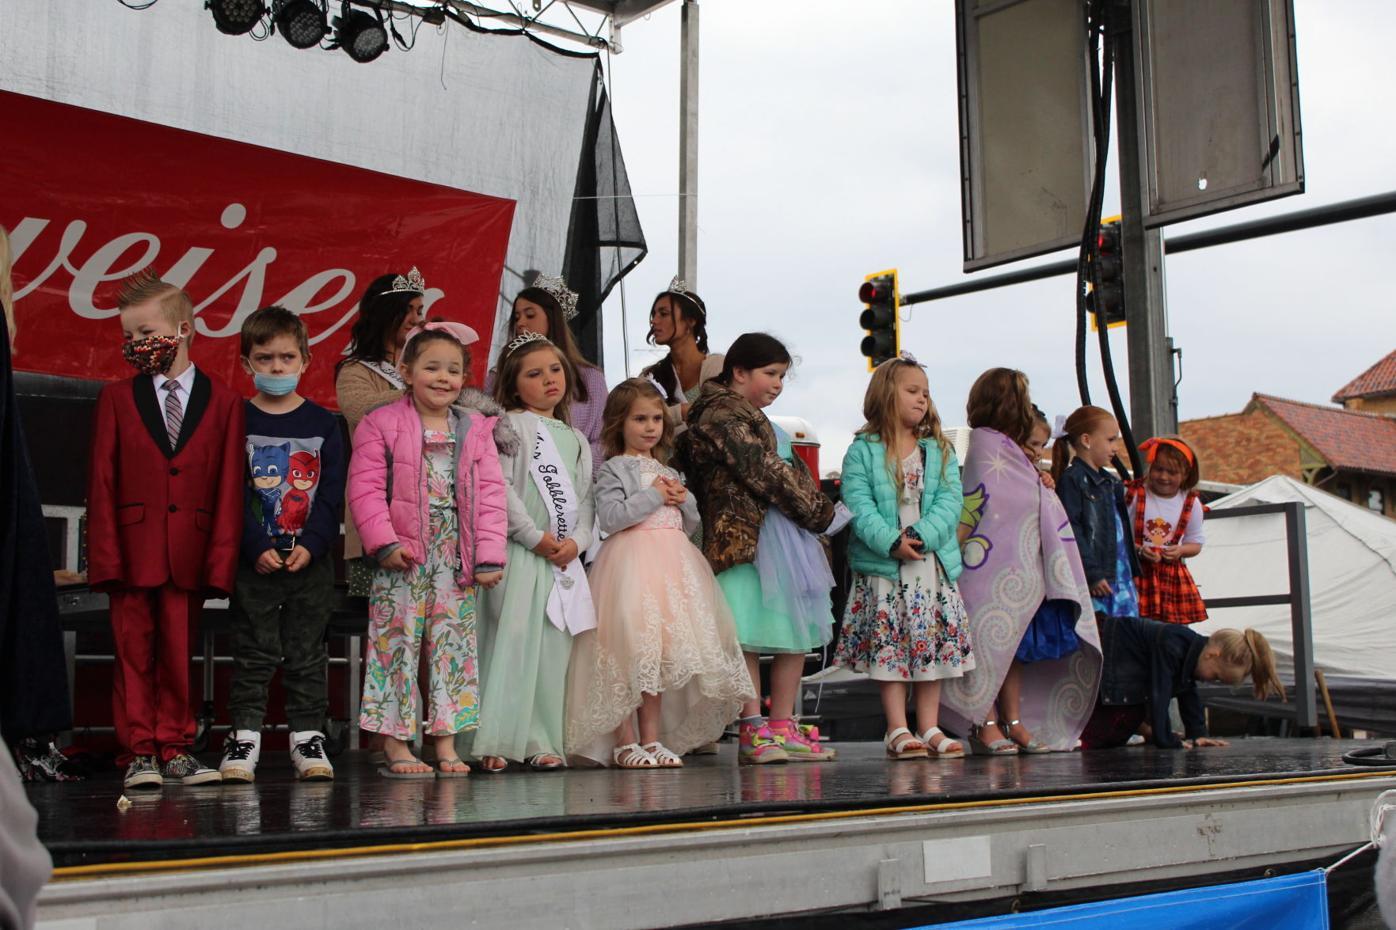 Little Mister Gobbler and Little Miss Goblerette group